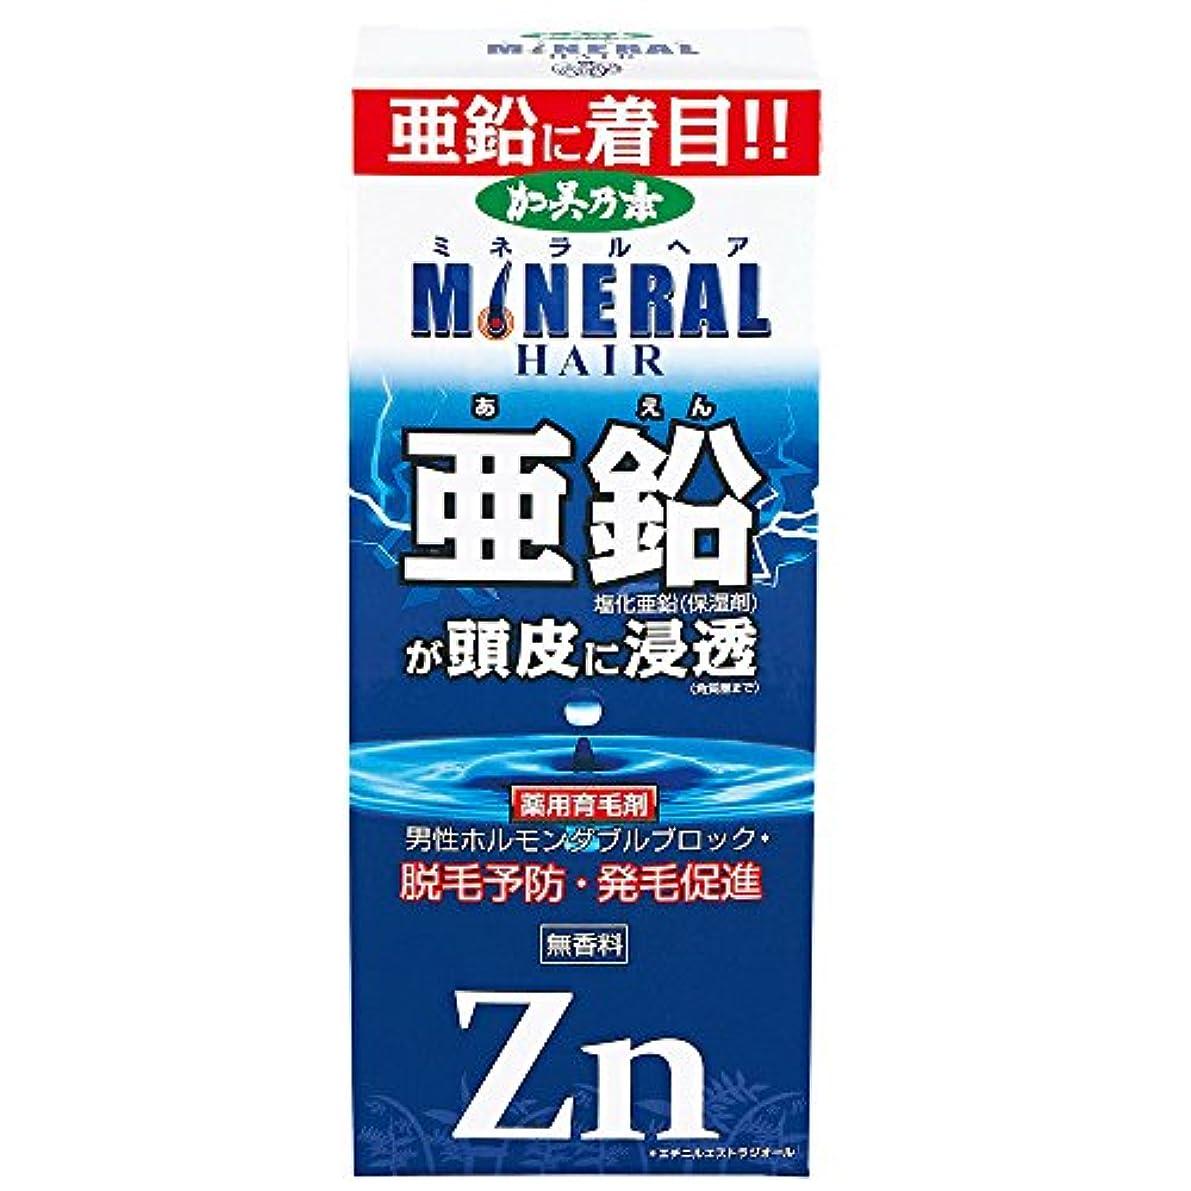 若いオープナー要求する薬用加美乃素 ミネラルヘア 育毛剤 180mL (医薬部外品)